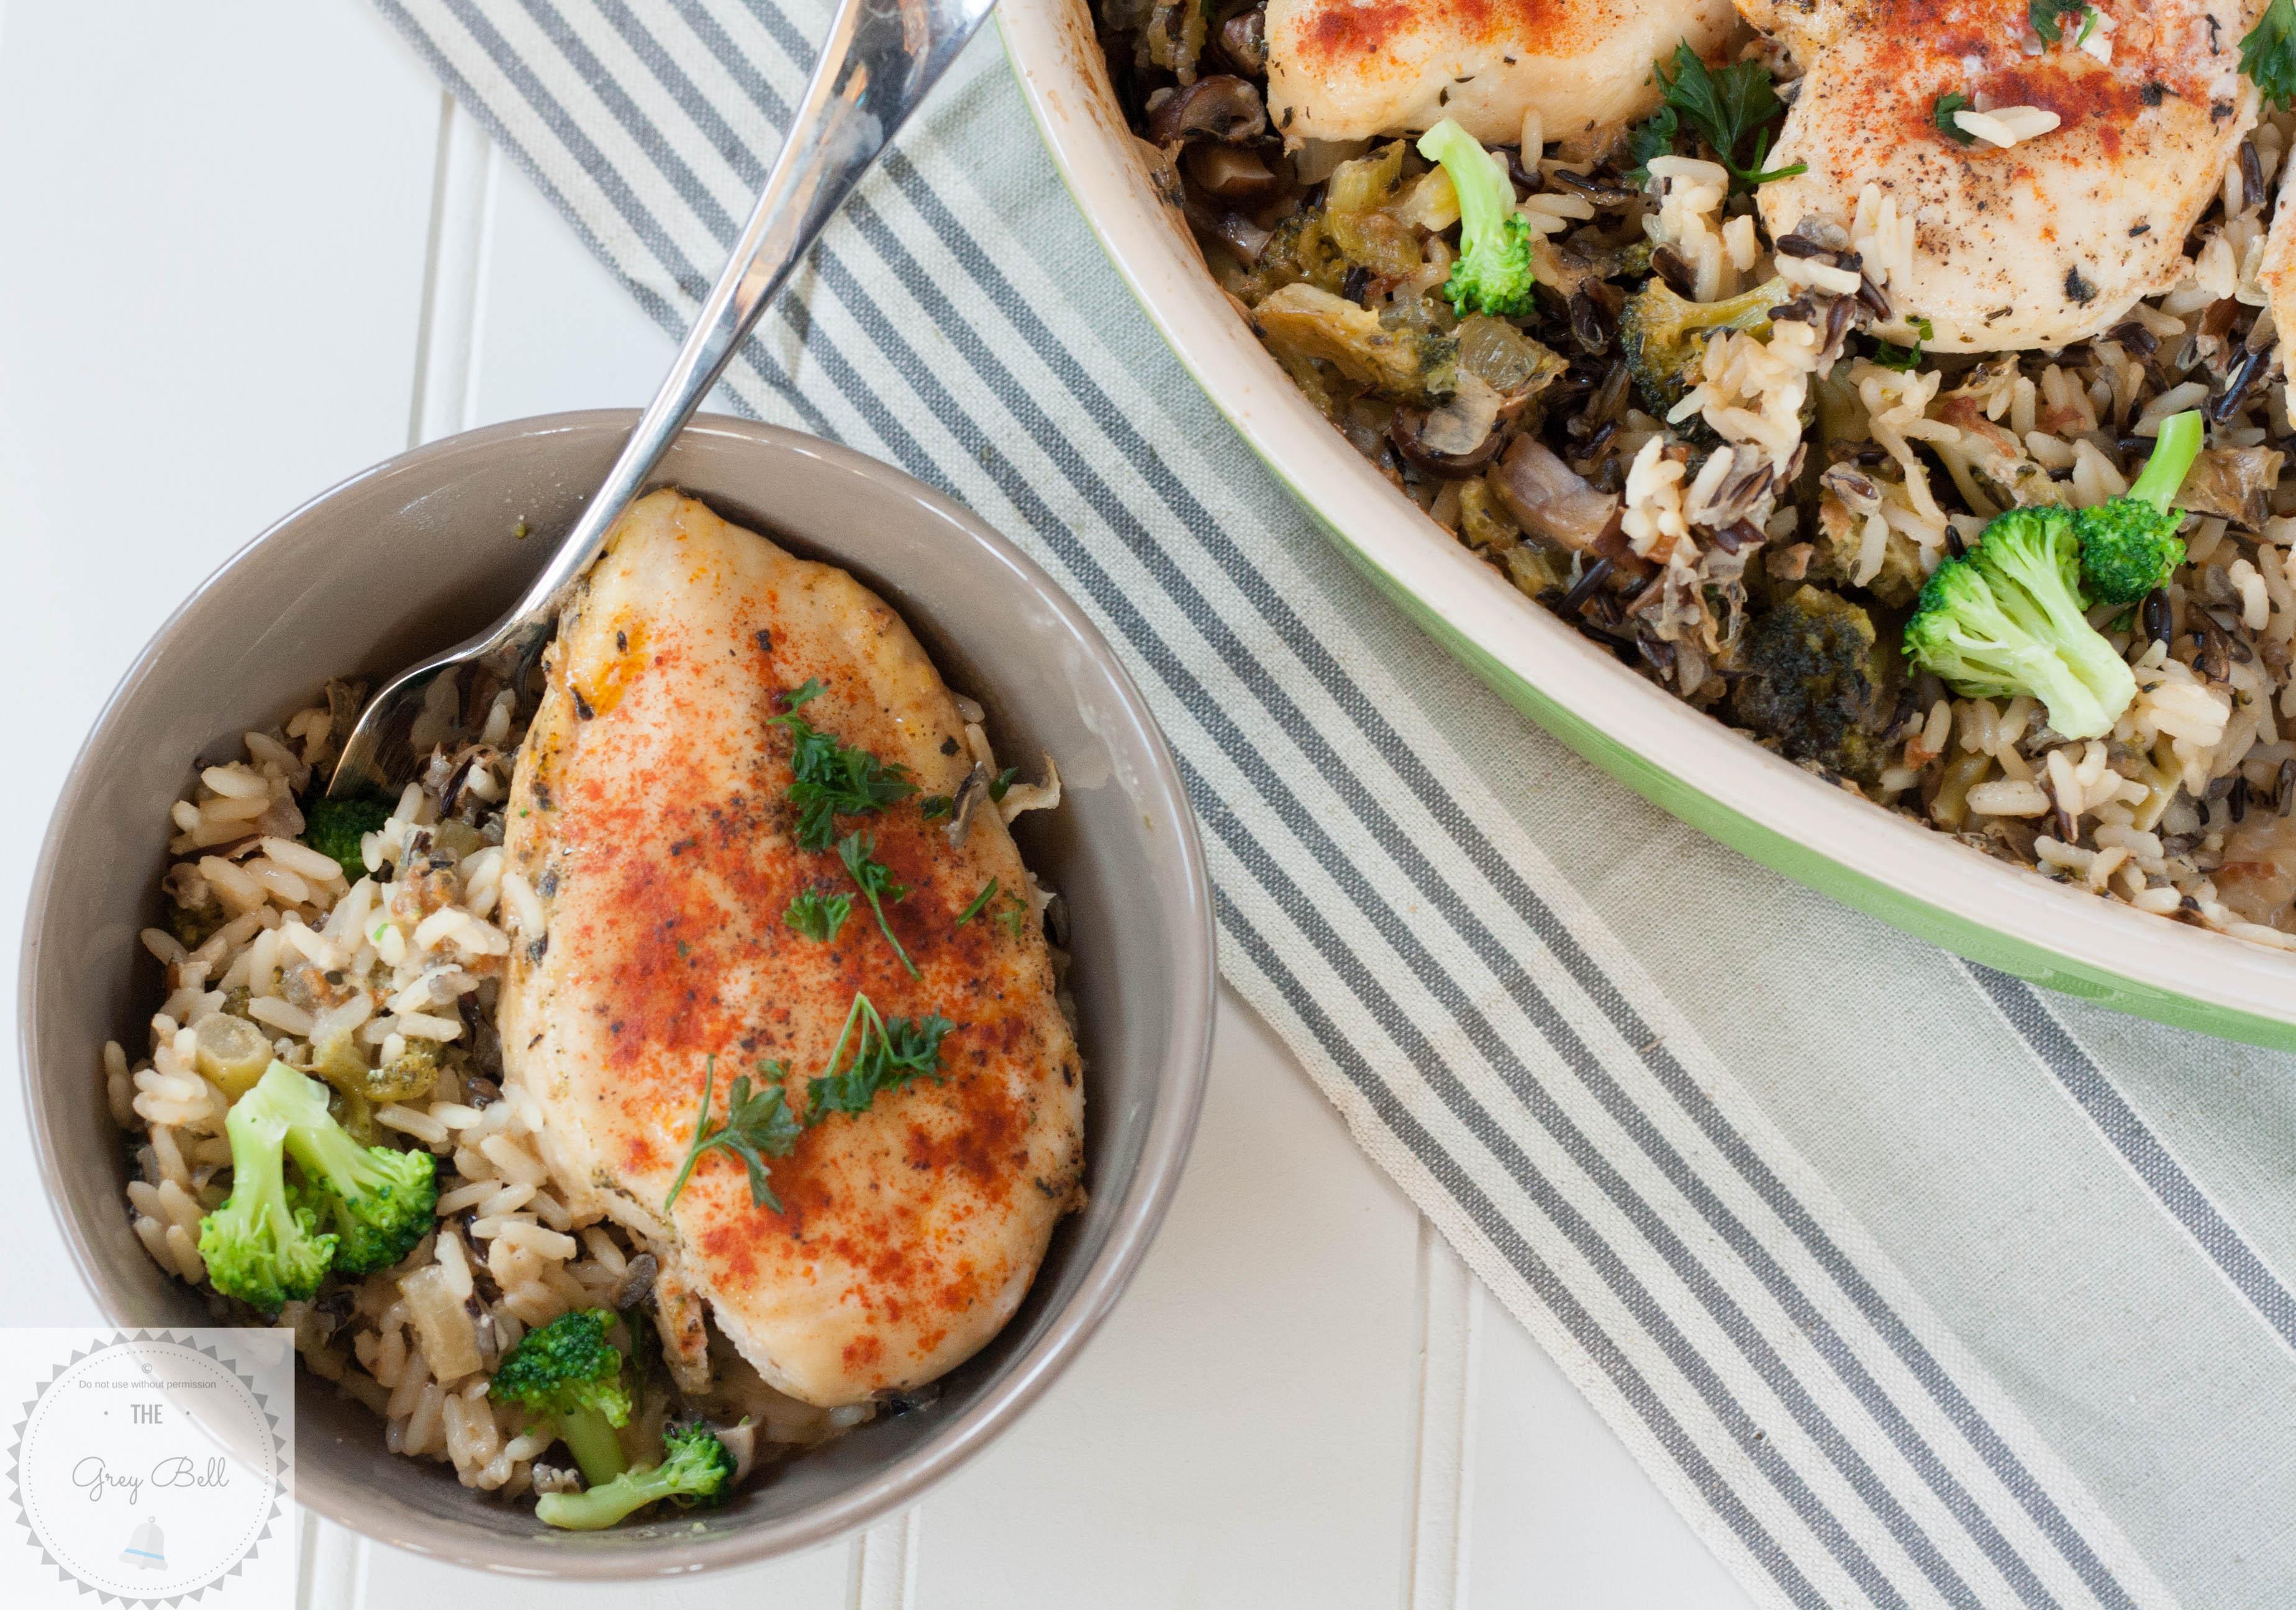 Healthy Chicken Broccoli Rice Casserole No Canned Soup  No Soup Chicken Broccoli & Wild Rice Bake The Grey Bell